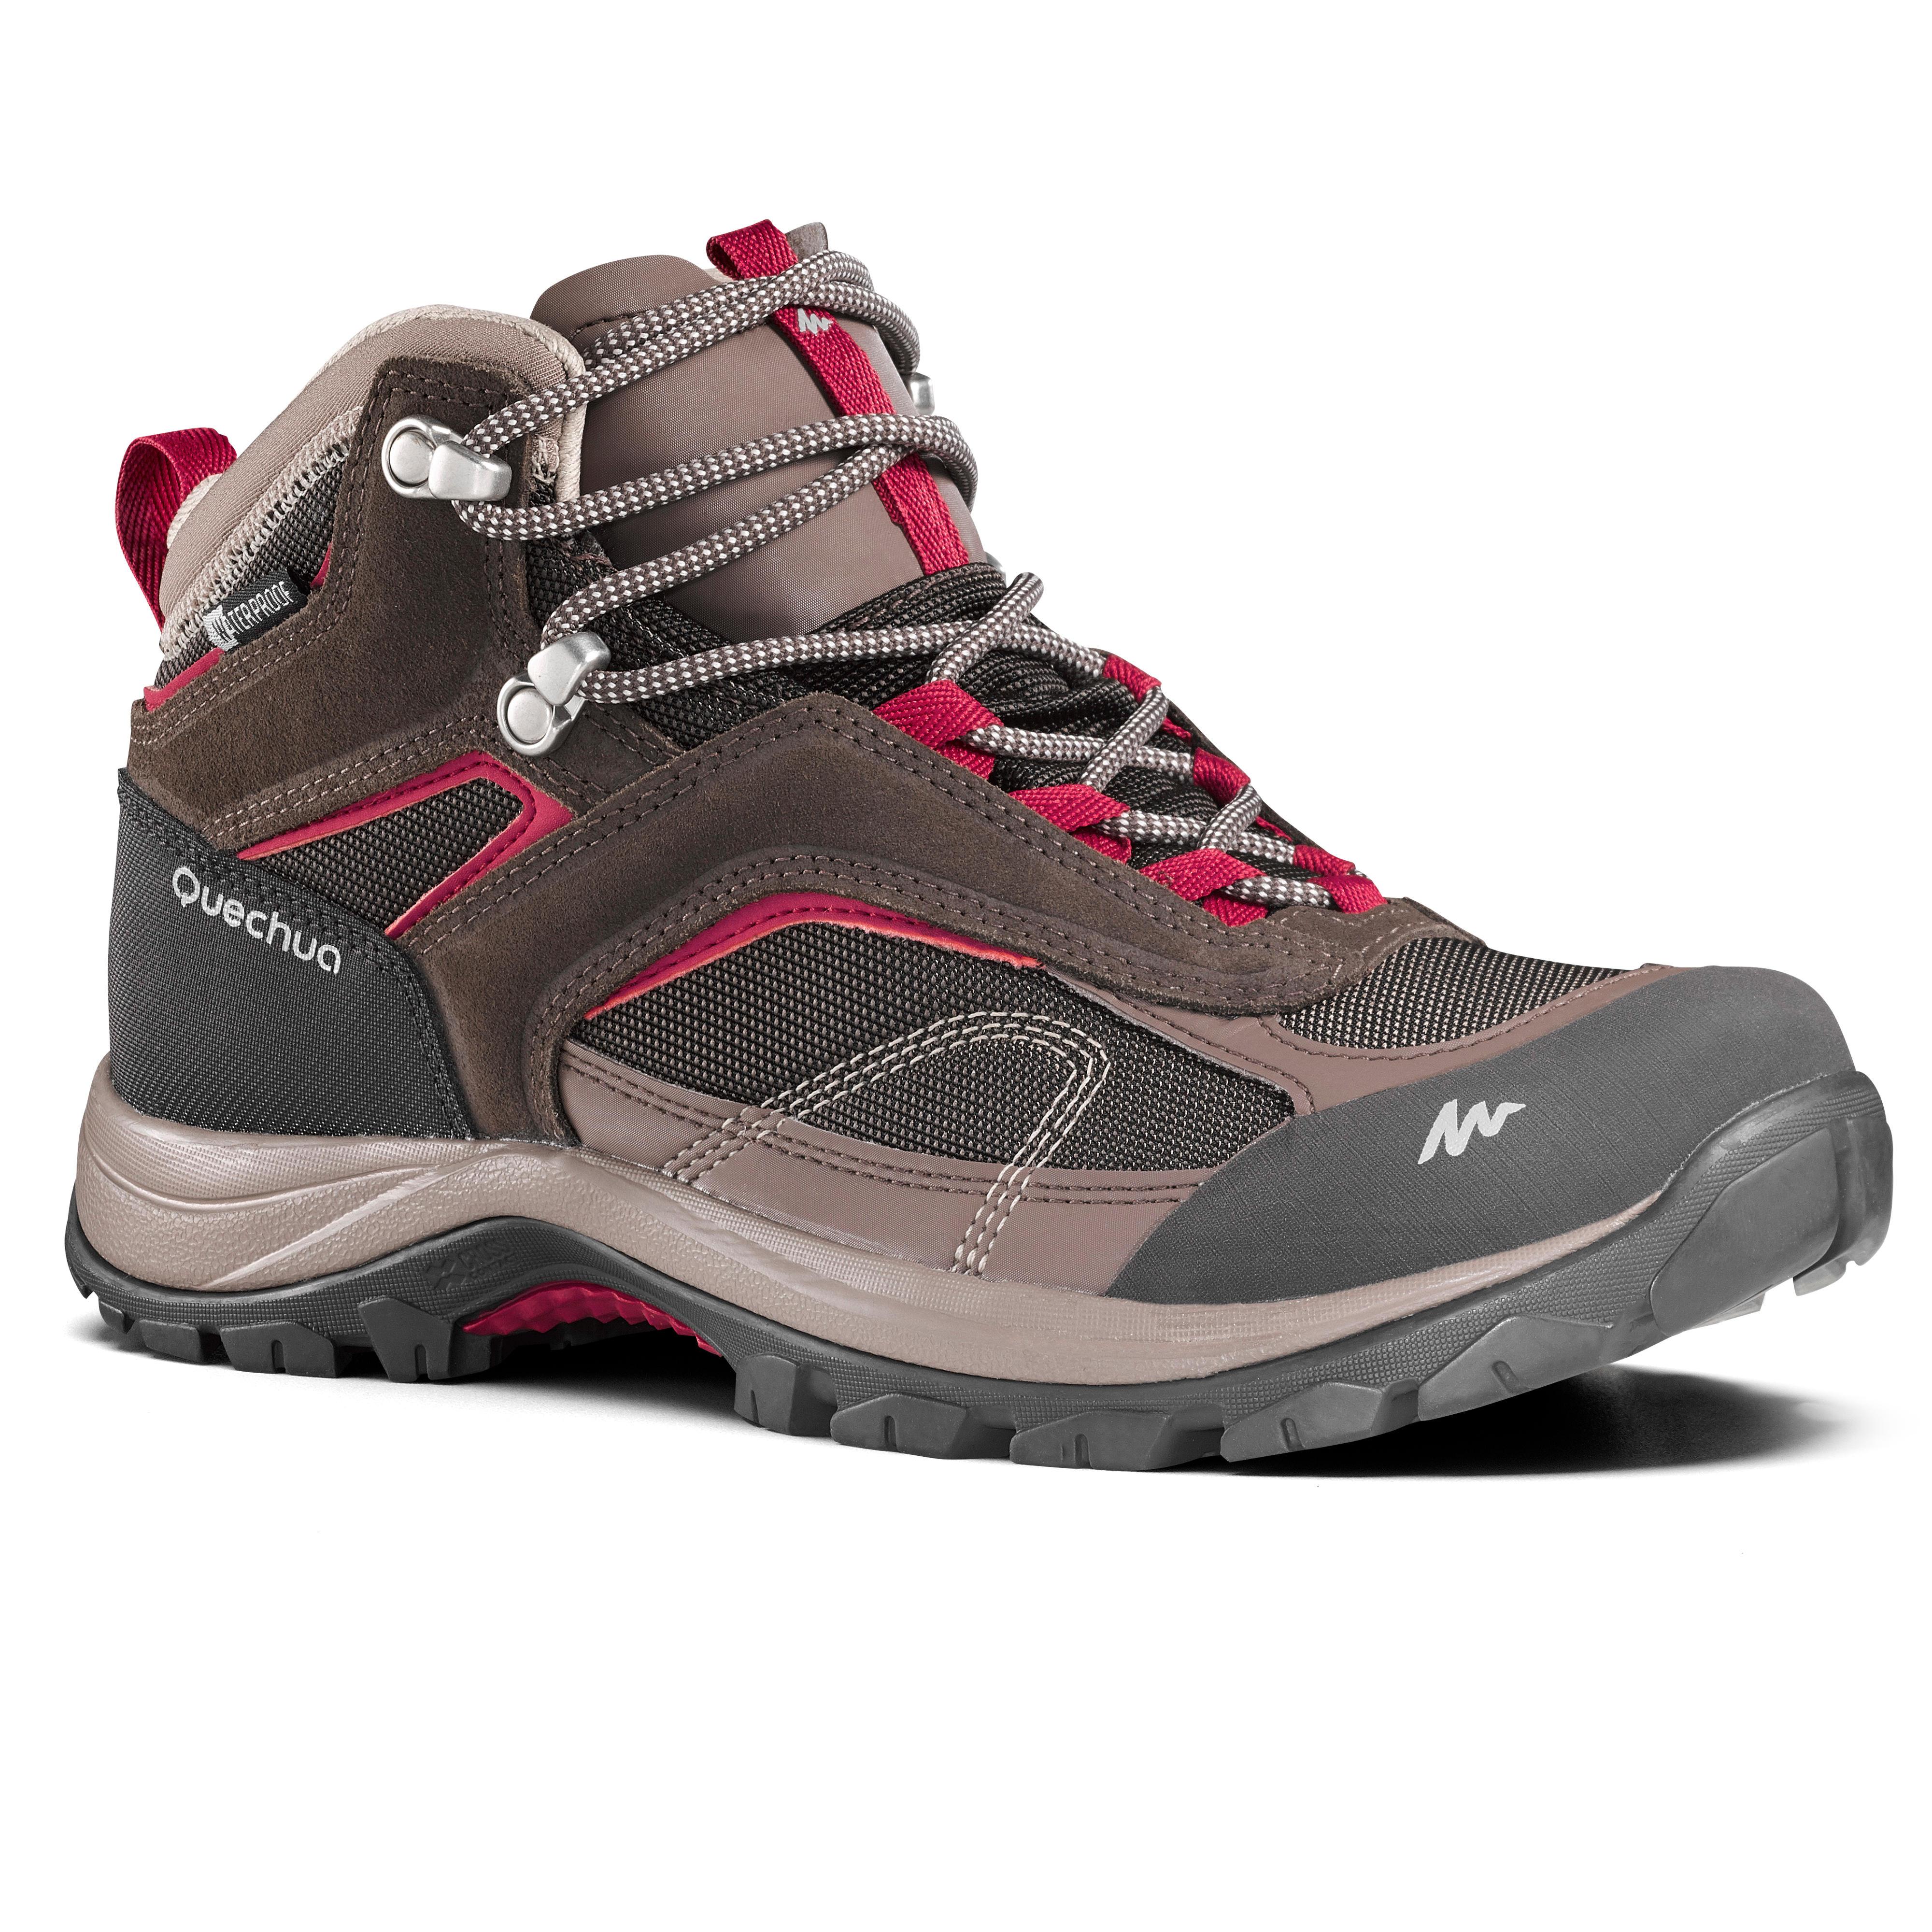 76c8a7b0021 Comprar Botas de Montaña y Trekking